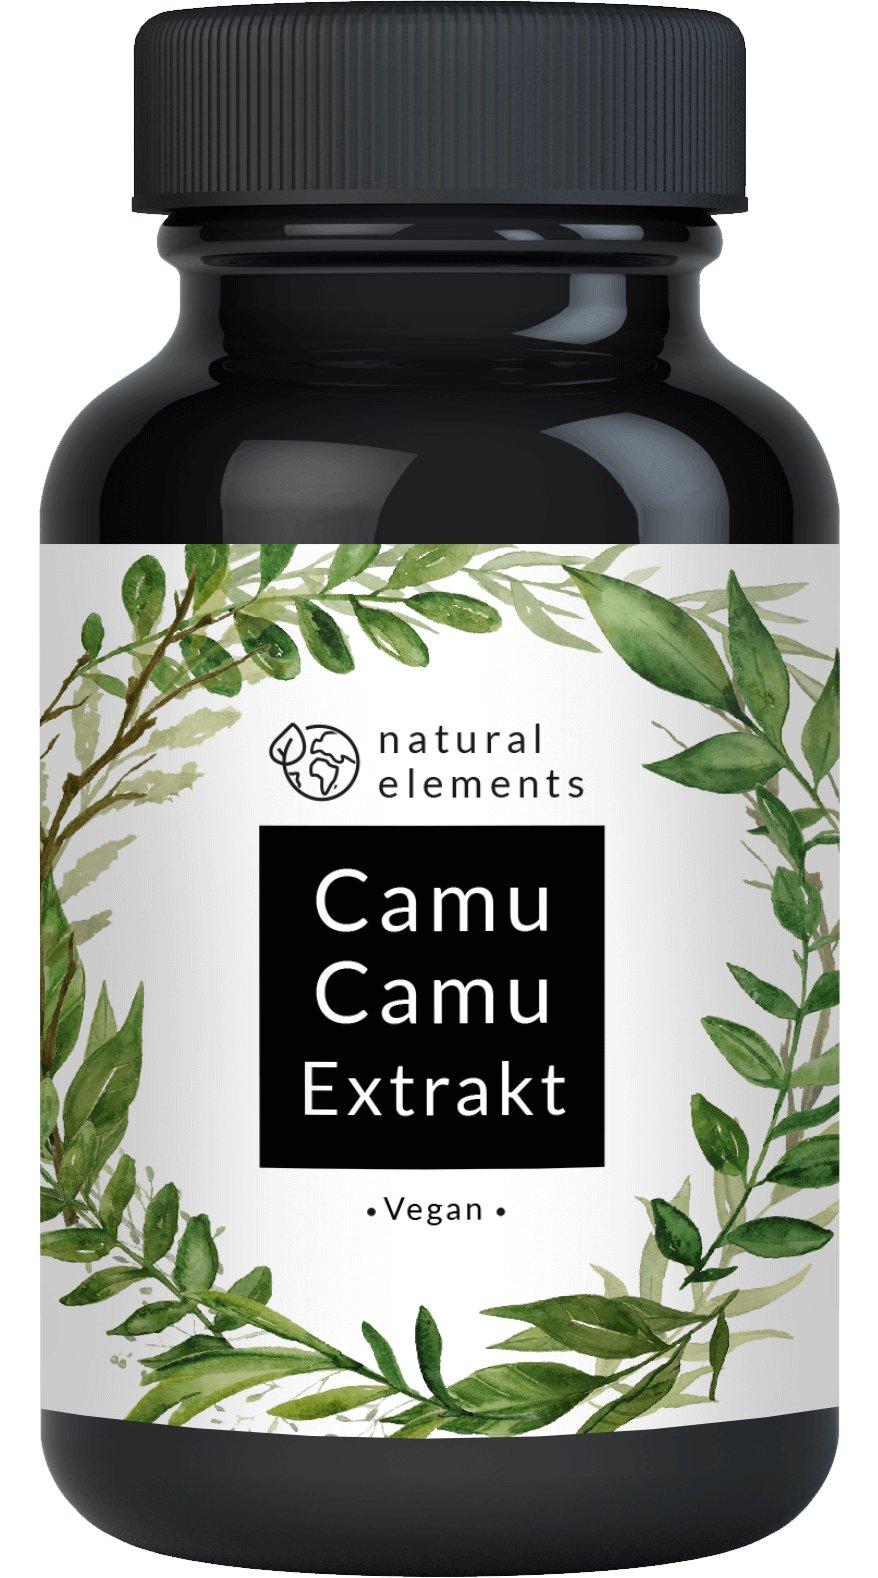 Der VERGLEICHSSIEGER 2018* Camu-Camu Kapseln - Natürliches Vitamin C - 120 vegane Kapseln im 4 Monatsvorrat - Ohne unerwünschte Zusätze – Laborgeprüft und hergestellt in Deutschland product image